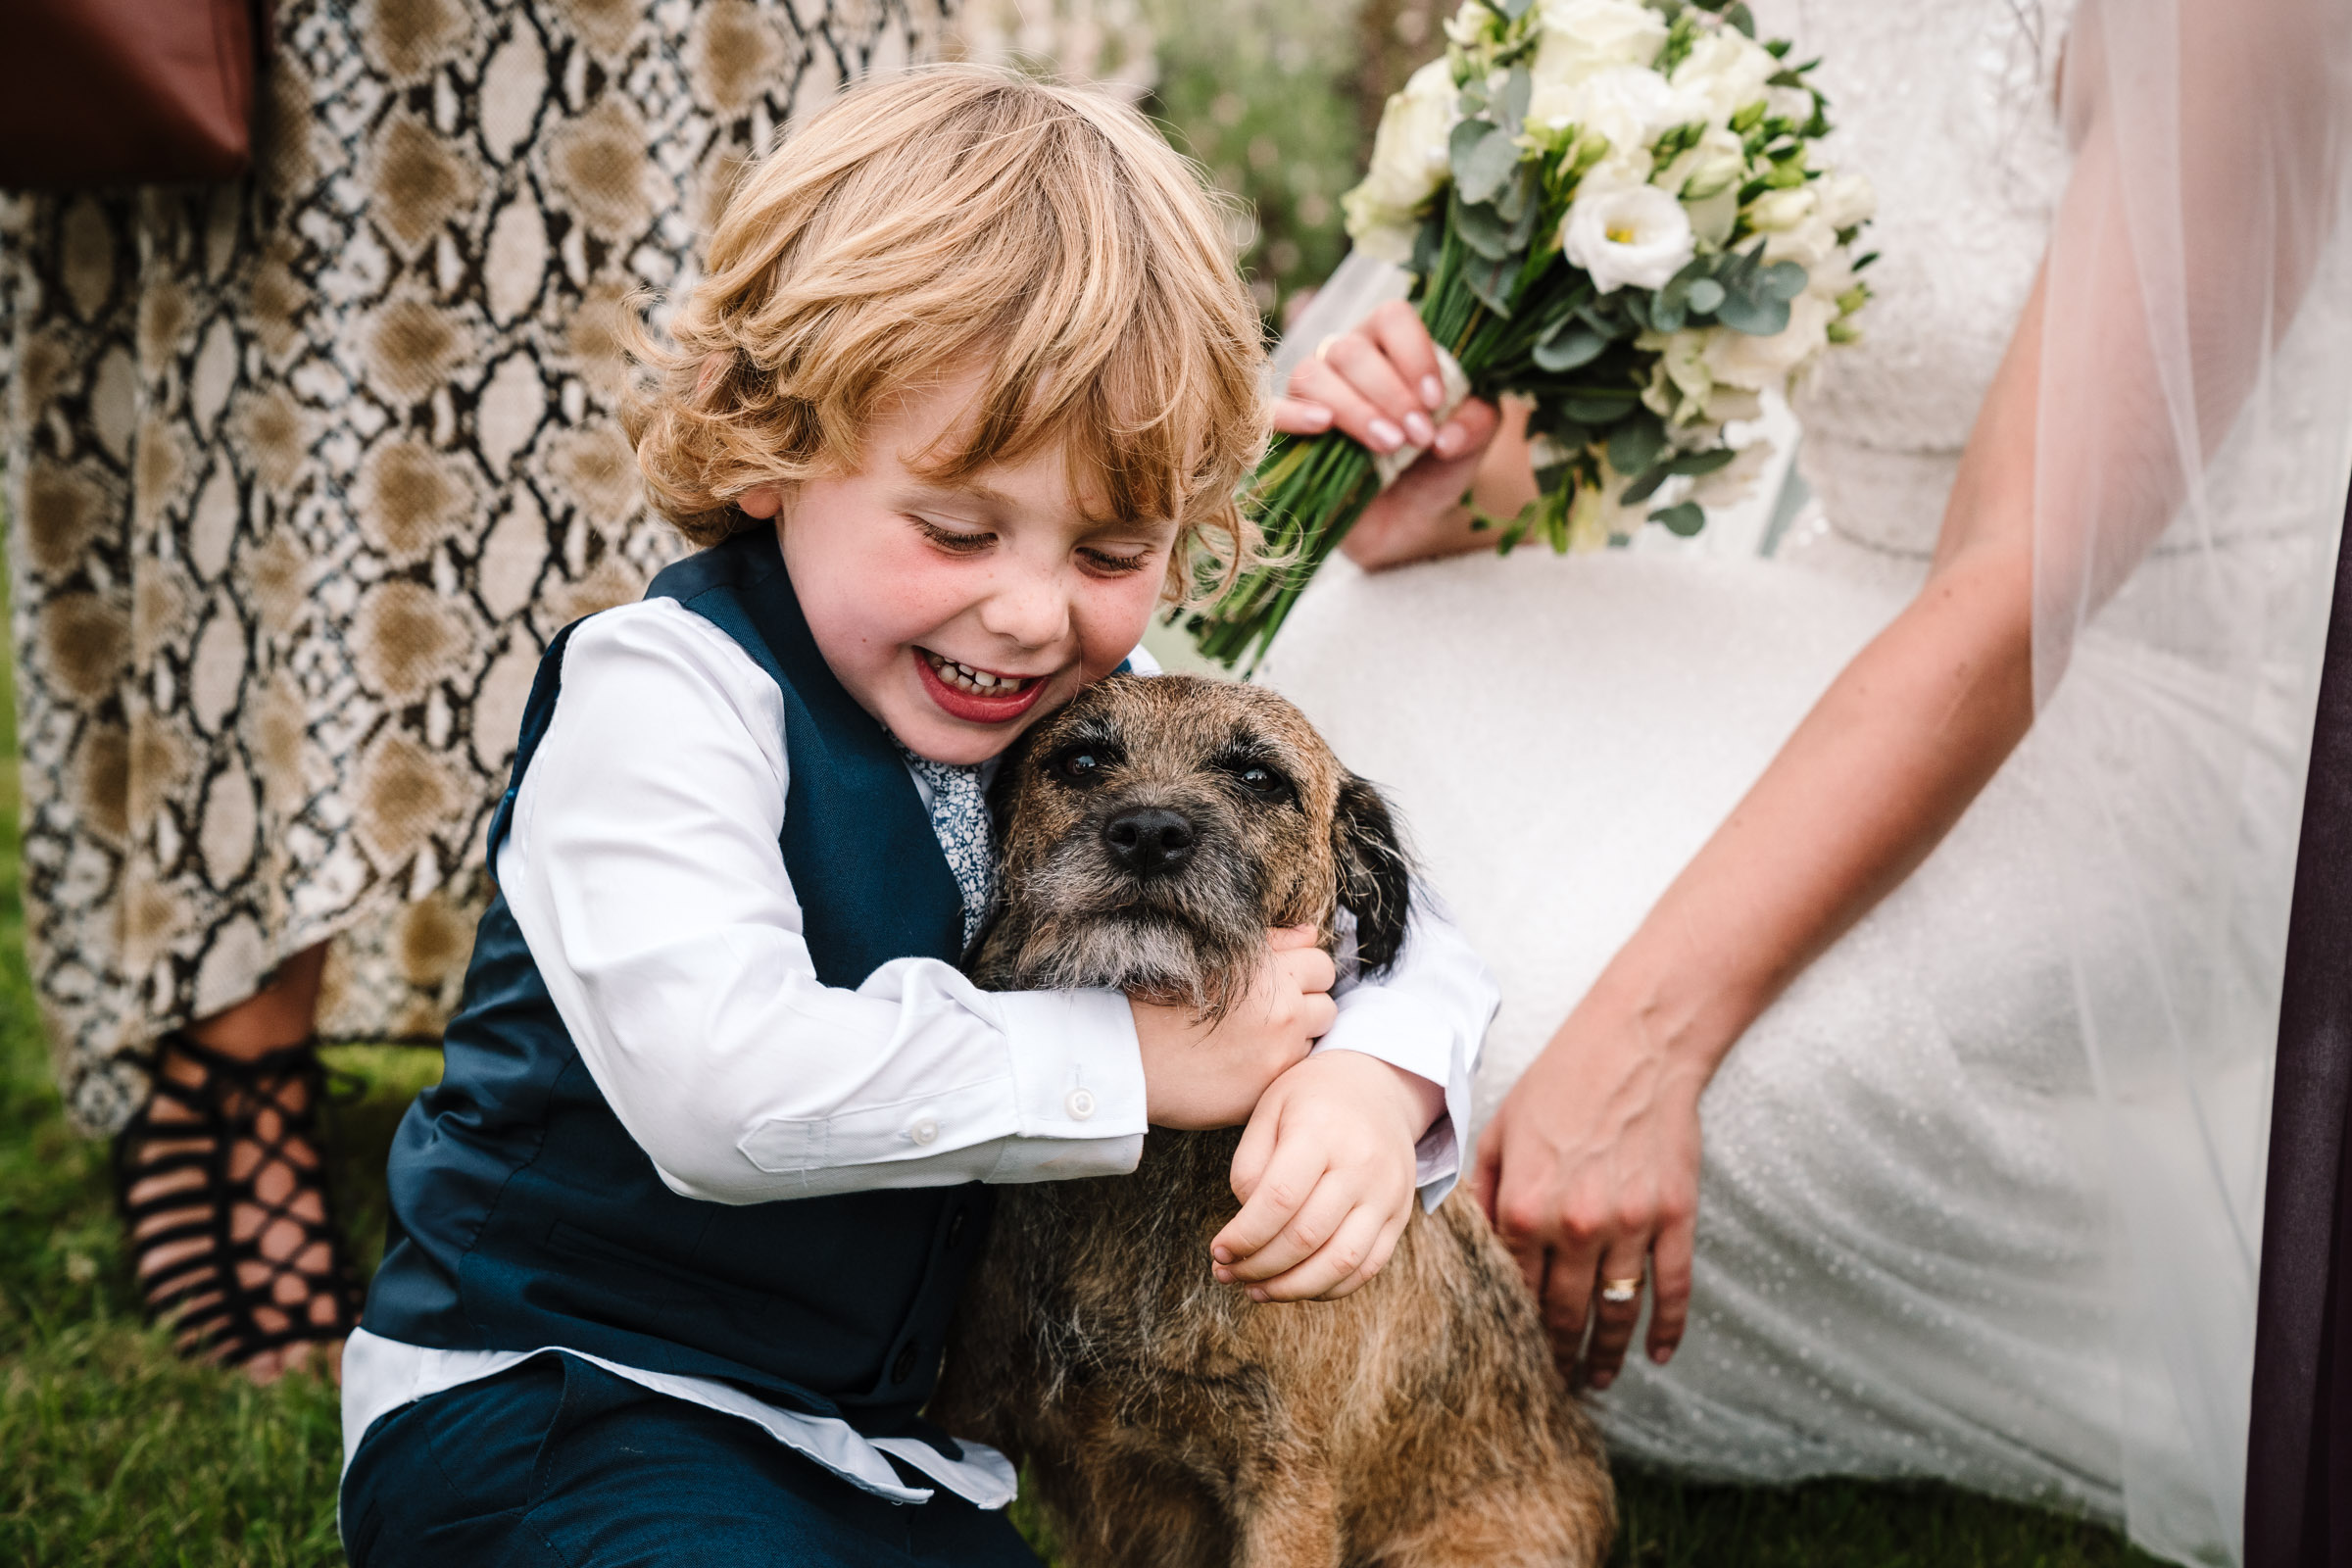 page boy cuddling dog during wedding reception